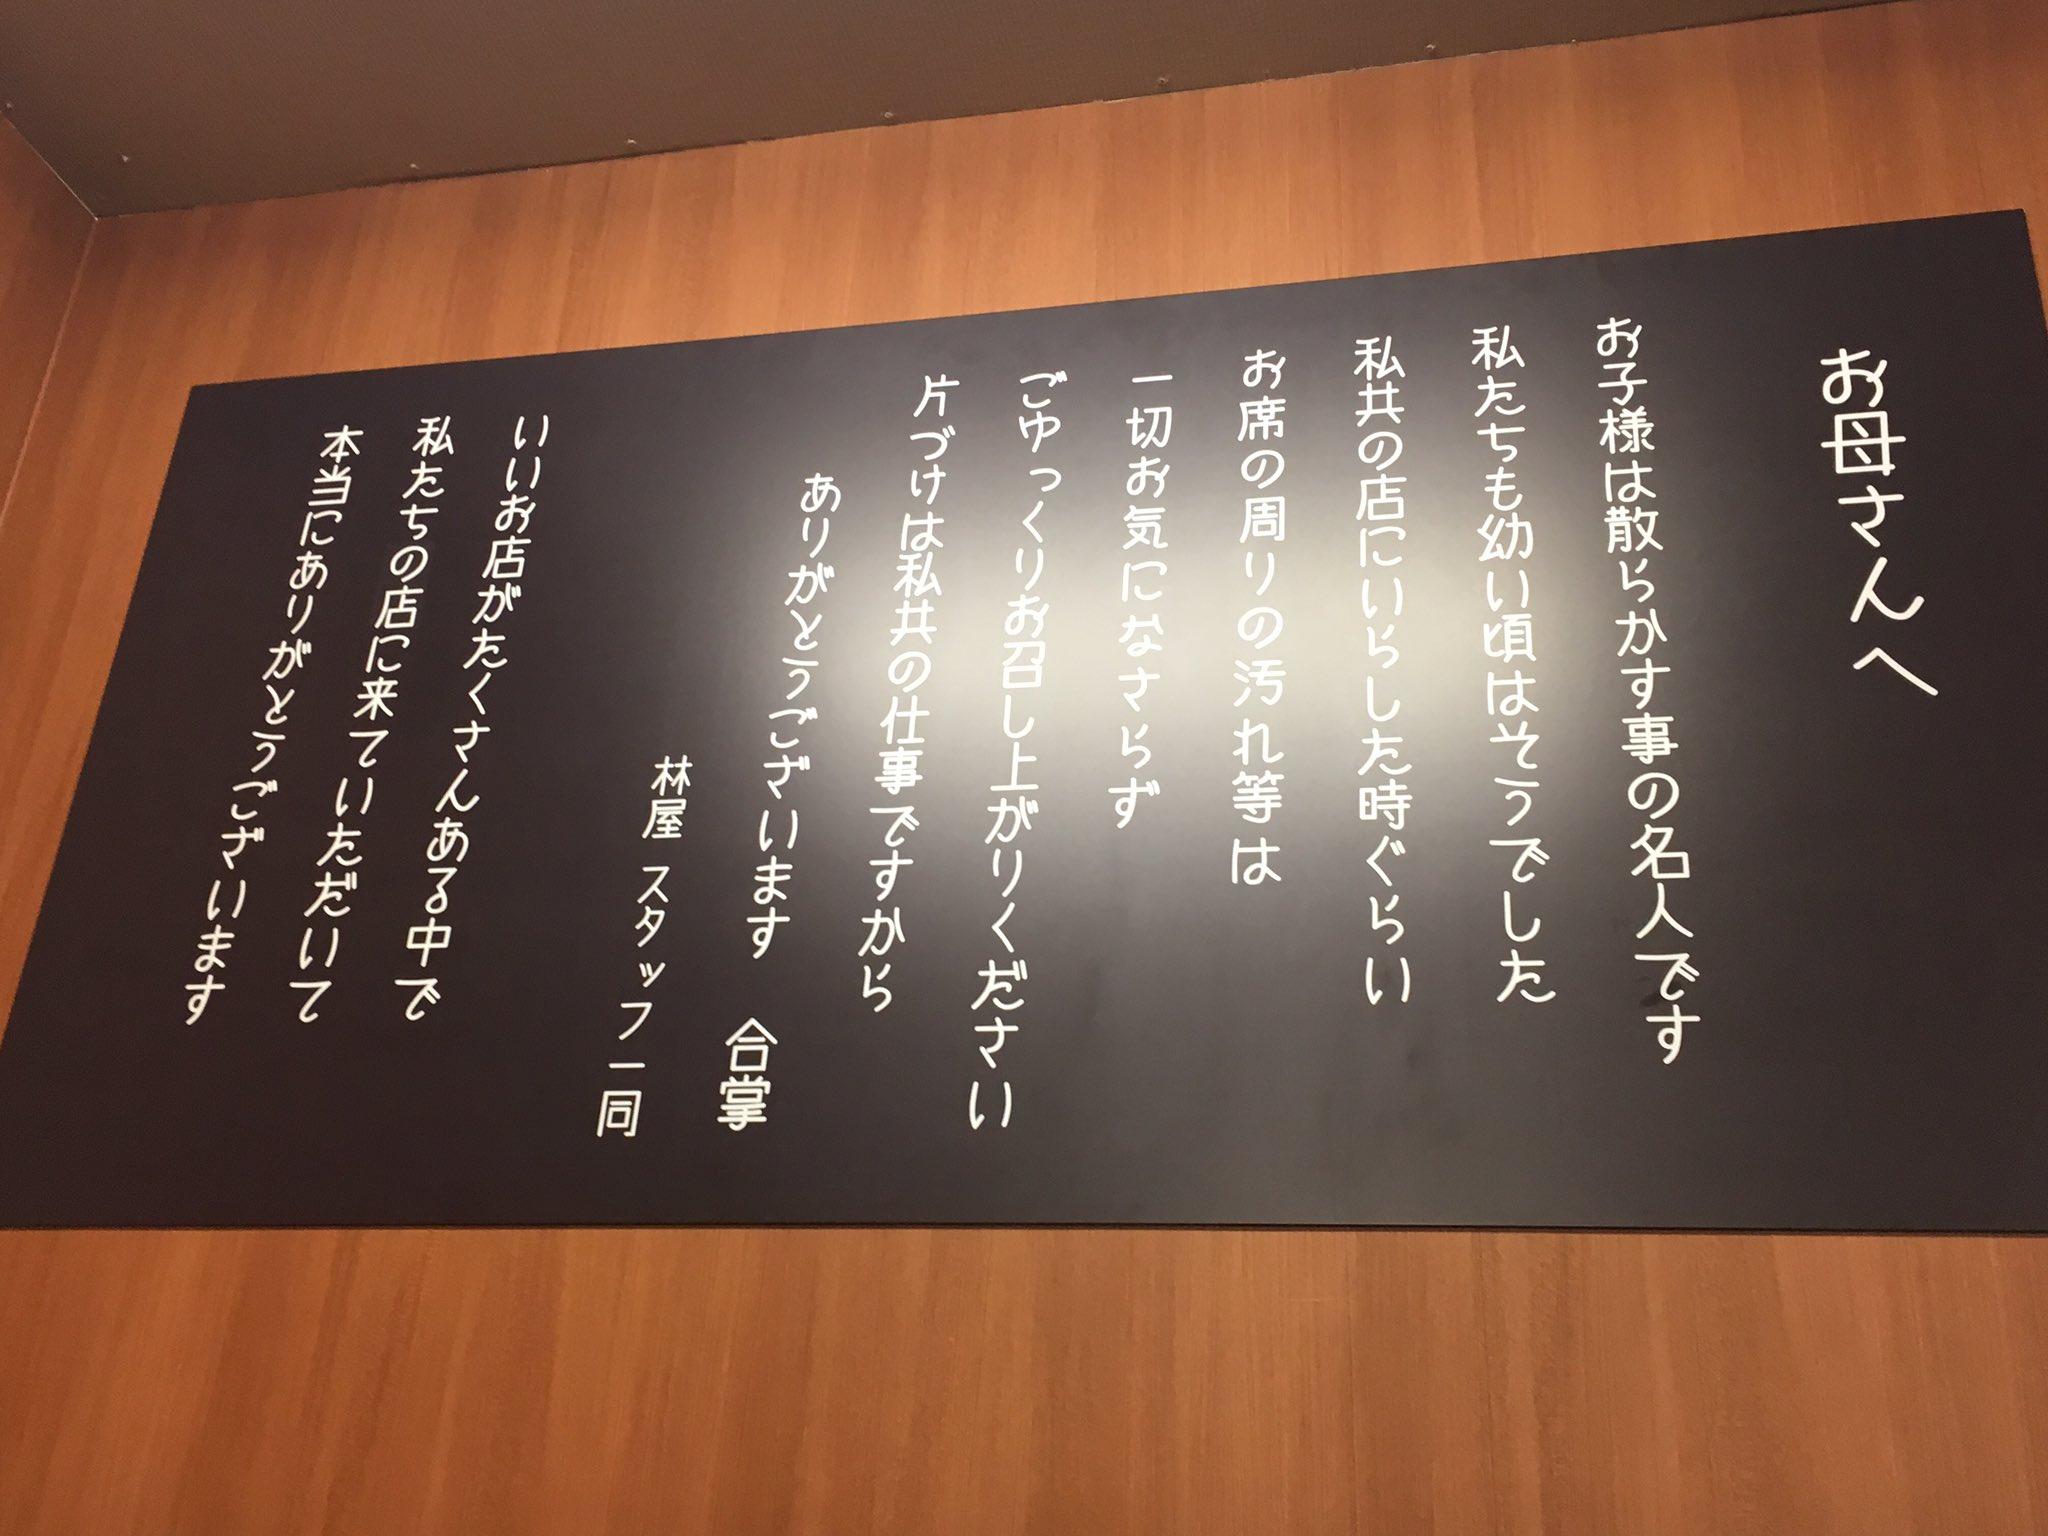 意識が高いラーメン店、壁にものすごく恥ずかしいことを書いてしまうwwwww